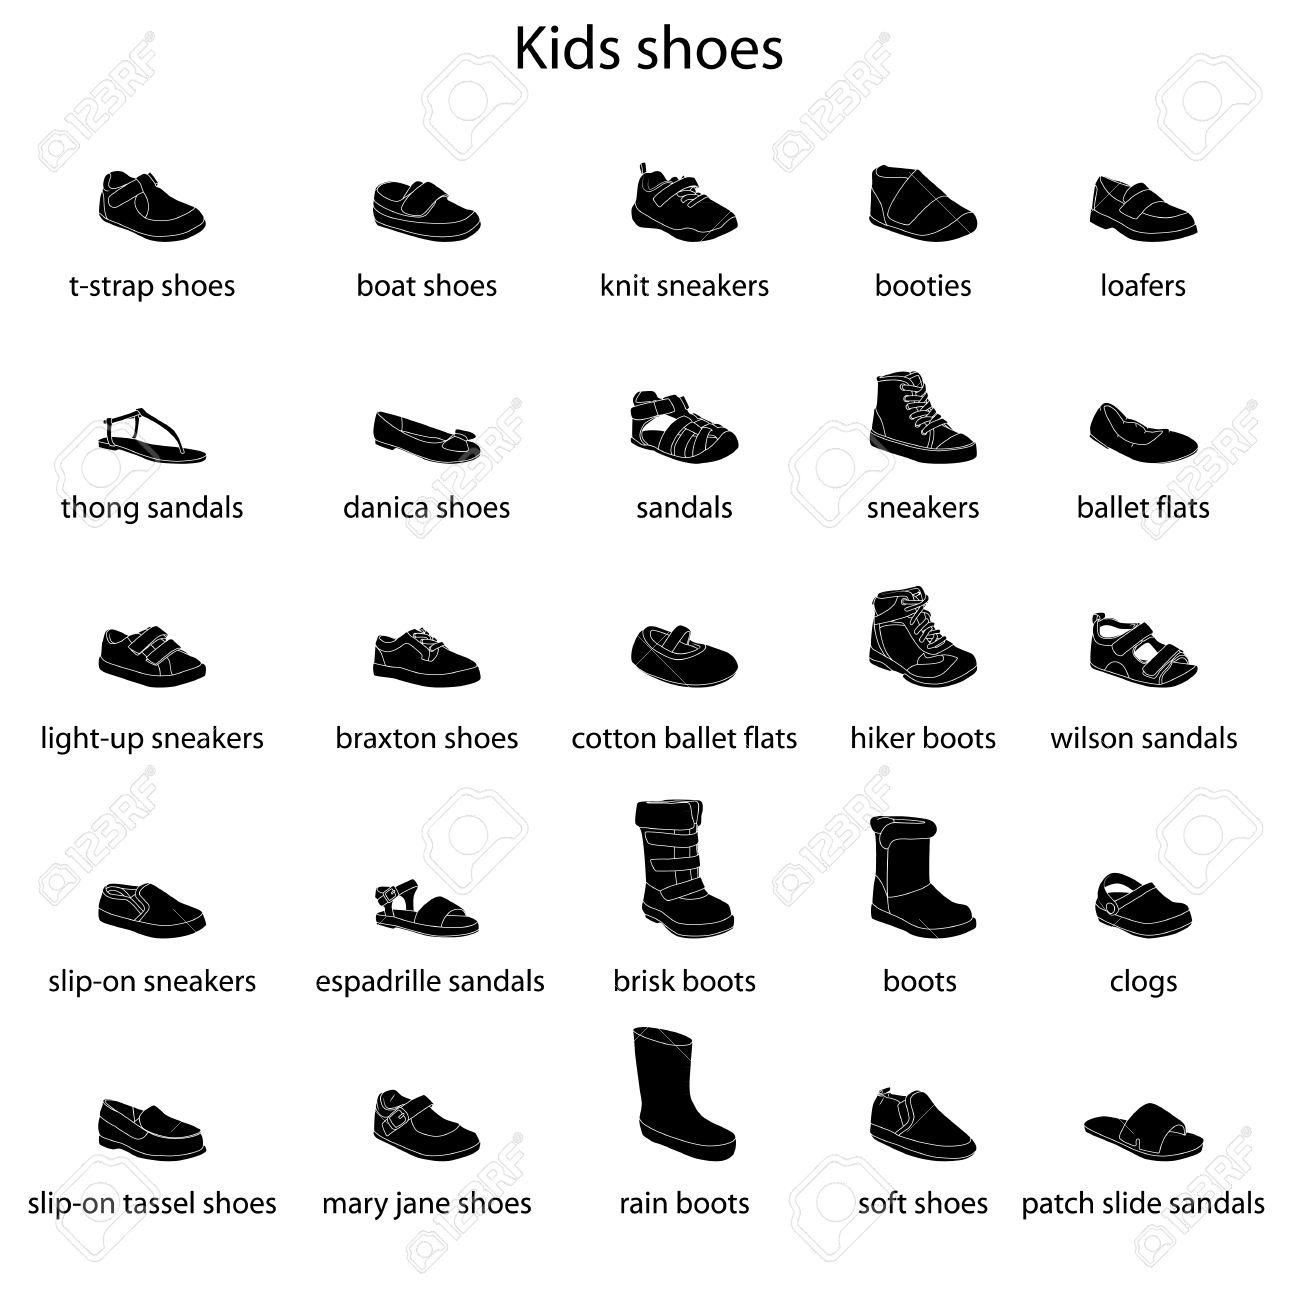 16083957d7 Foto de archivo - Zapatos de niños, conjunto, colección de calzado de moda  con nombres. Bebé, niña, niño, niño, niñez. Vector diseño aislado  ilustración.